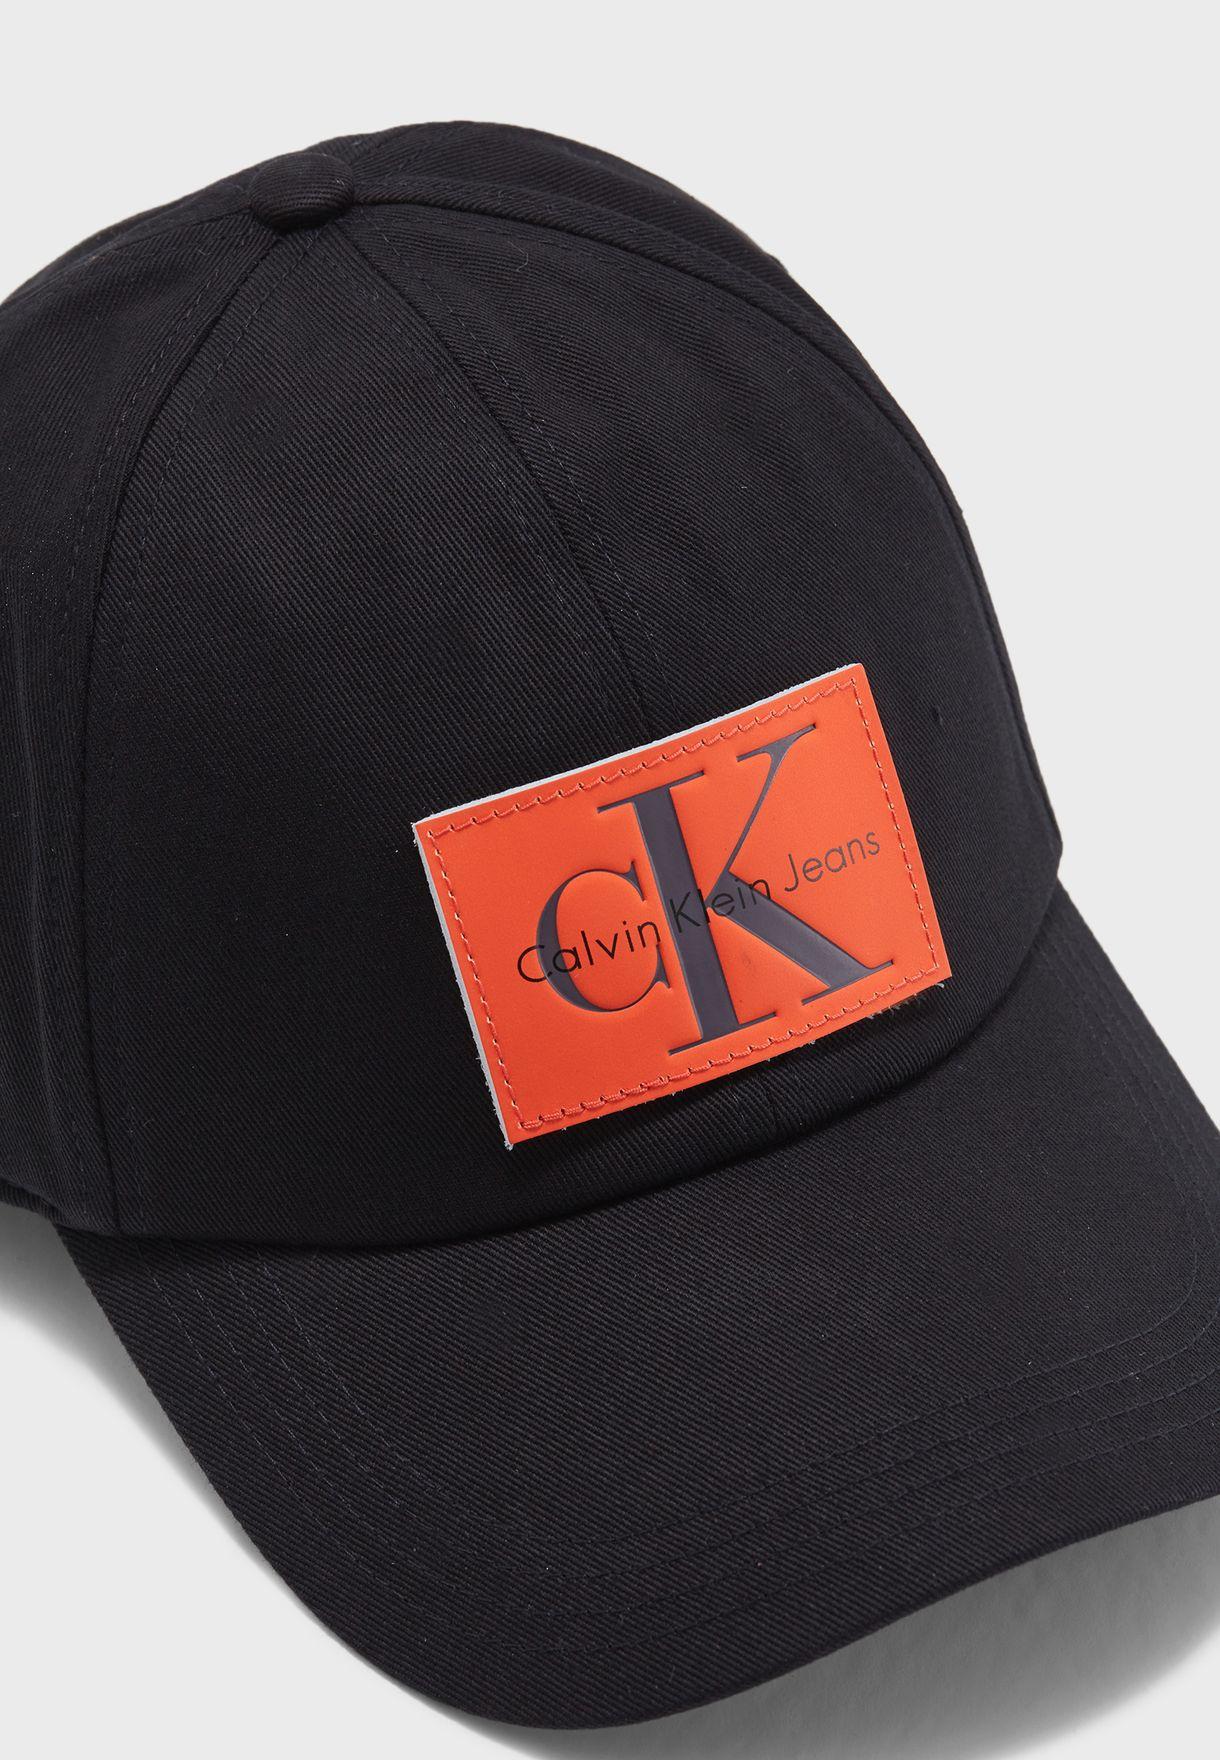 d0094c2c7829a Shop Calvin Klein Jeans black Re-Issue Patch Baseball Cap K40K400081 ...